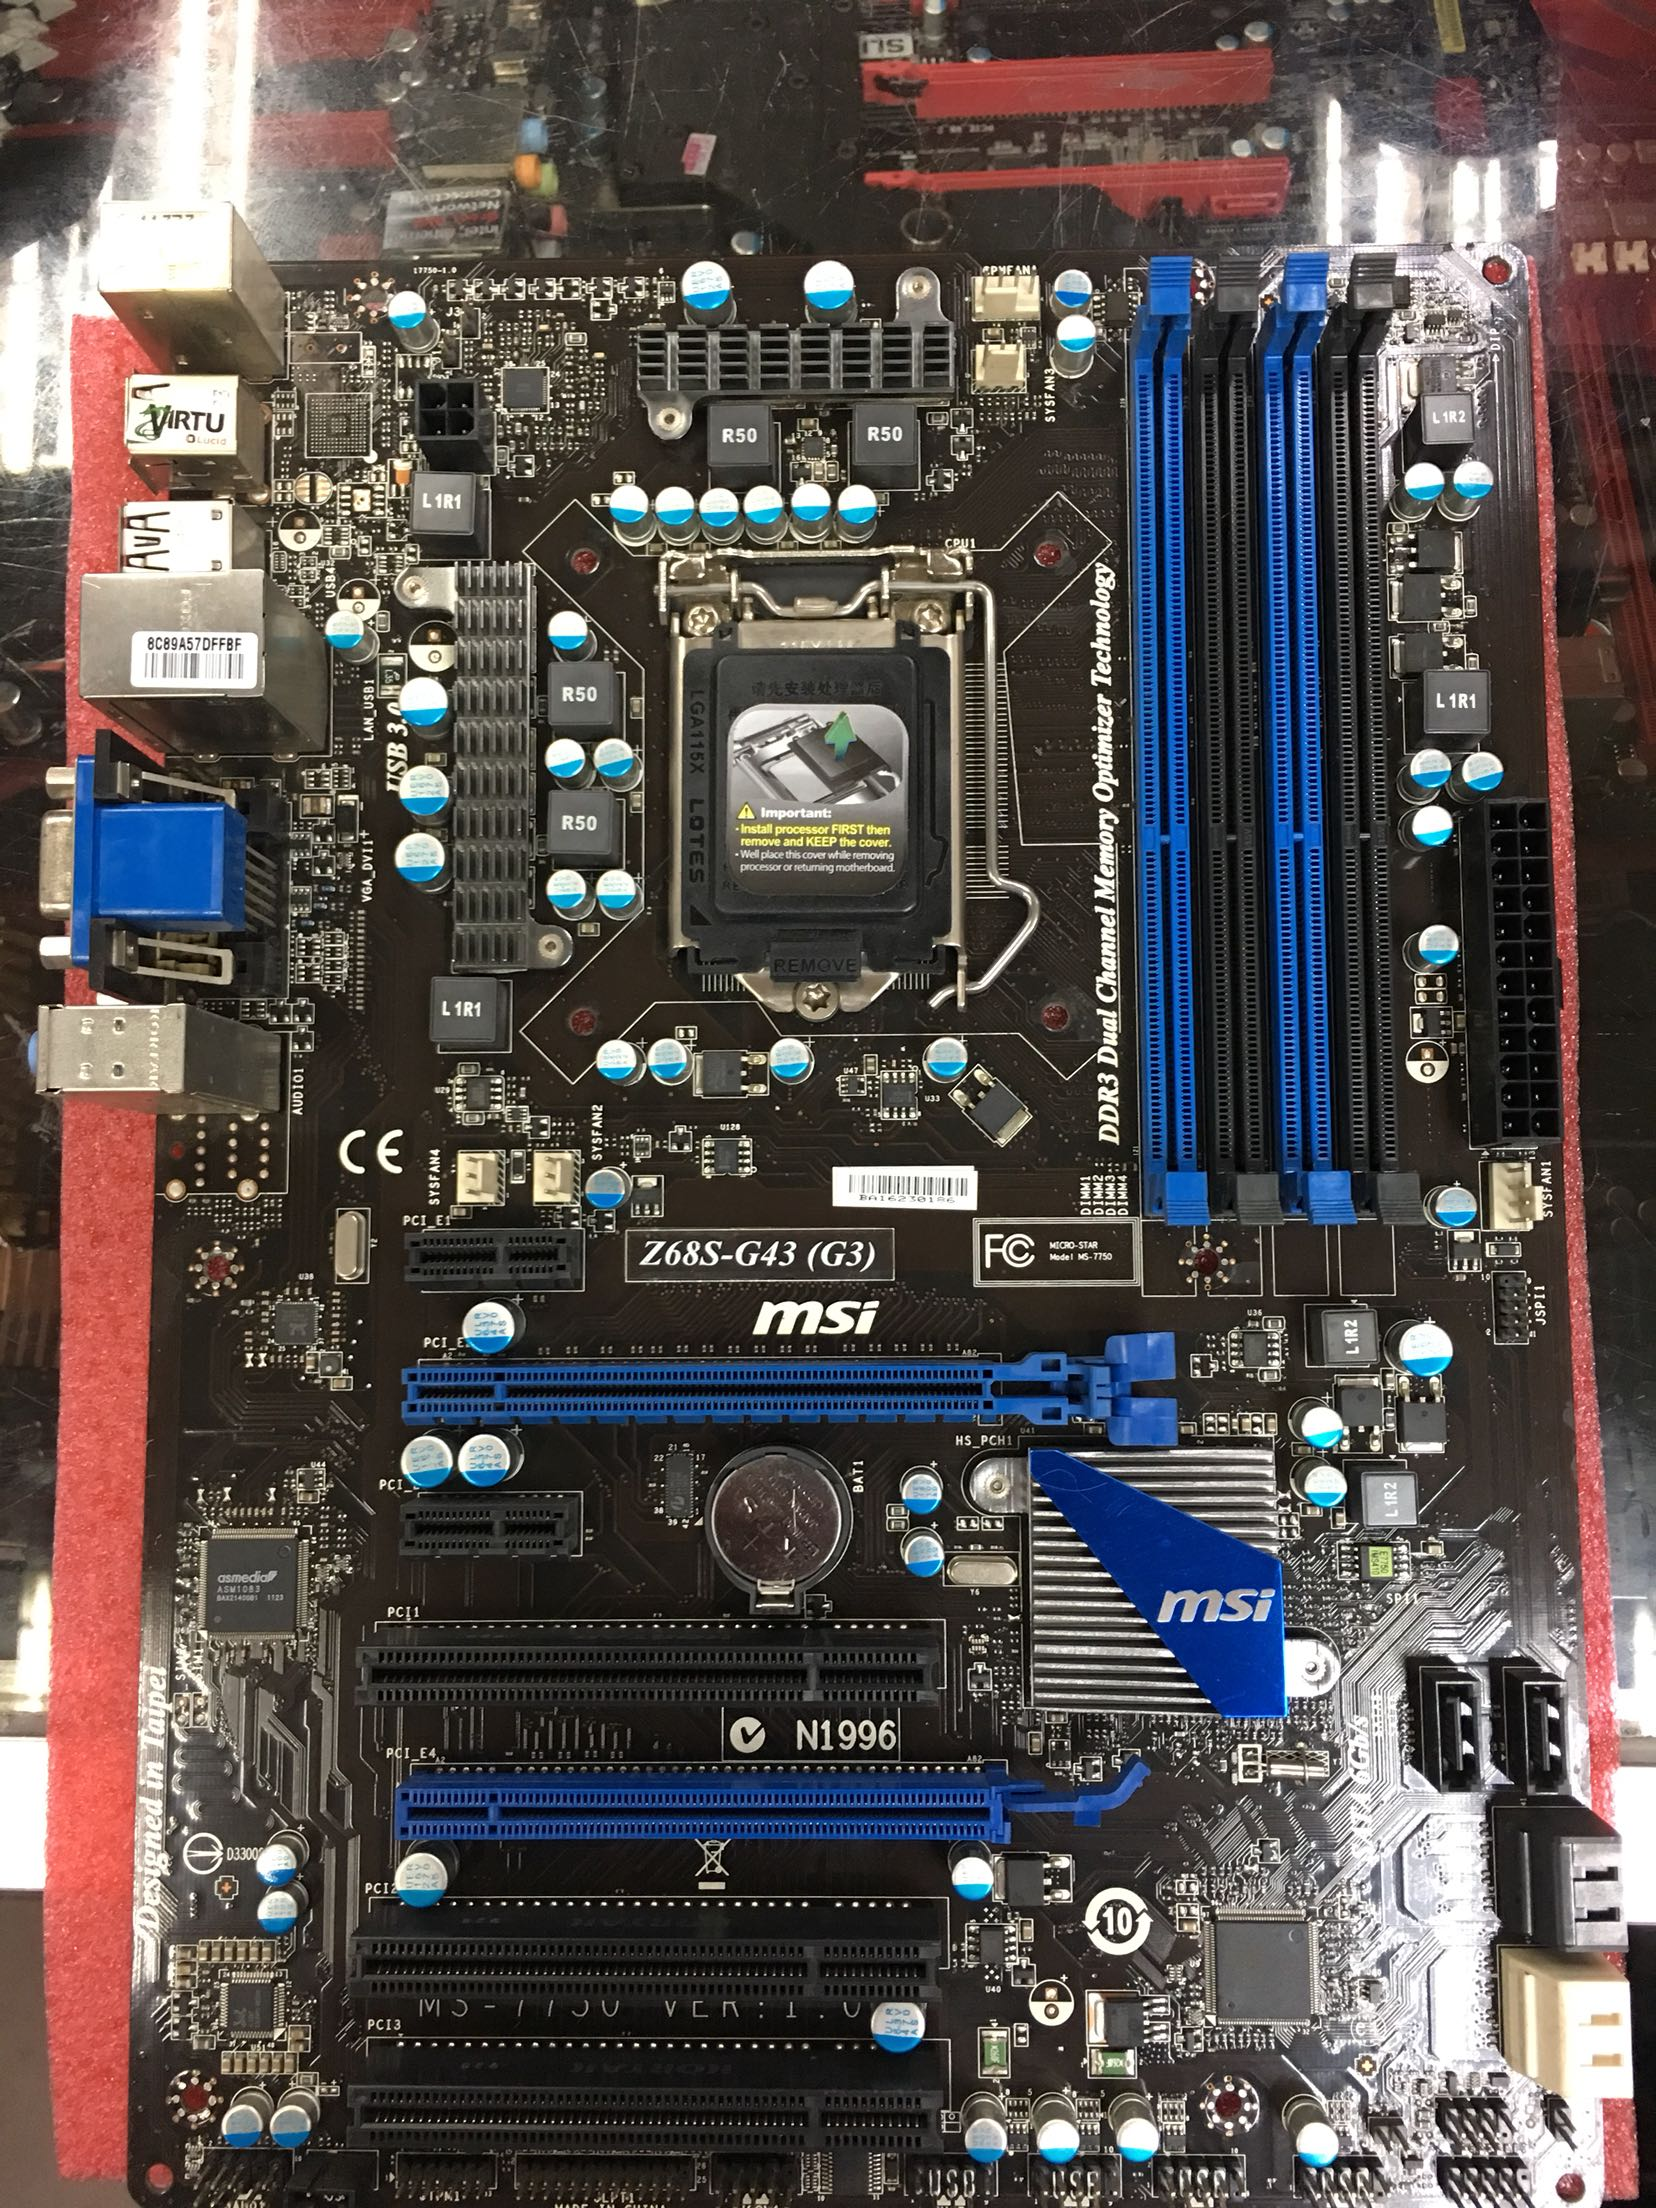 MSI Z68S-G43 (G3) 1155CPU Z68 series msi h97m g43